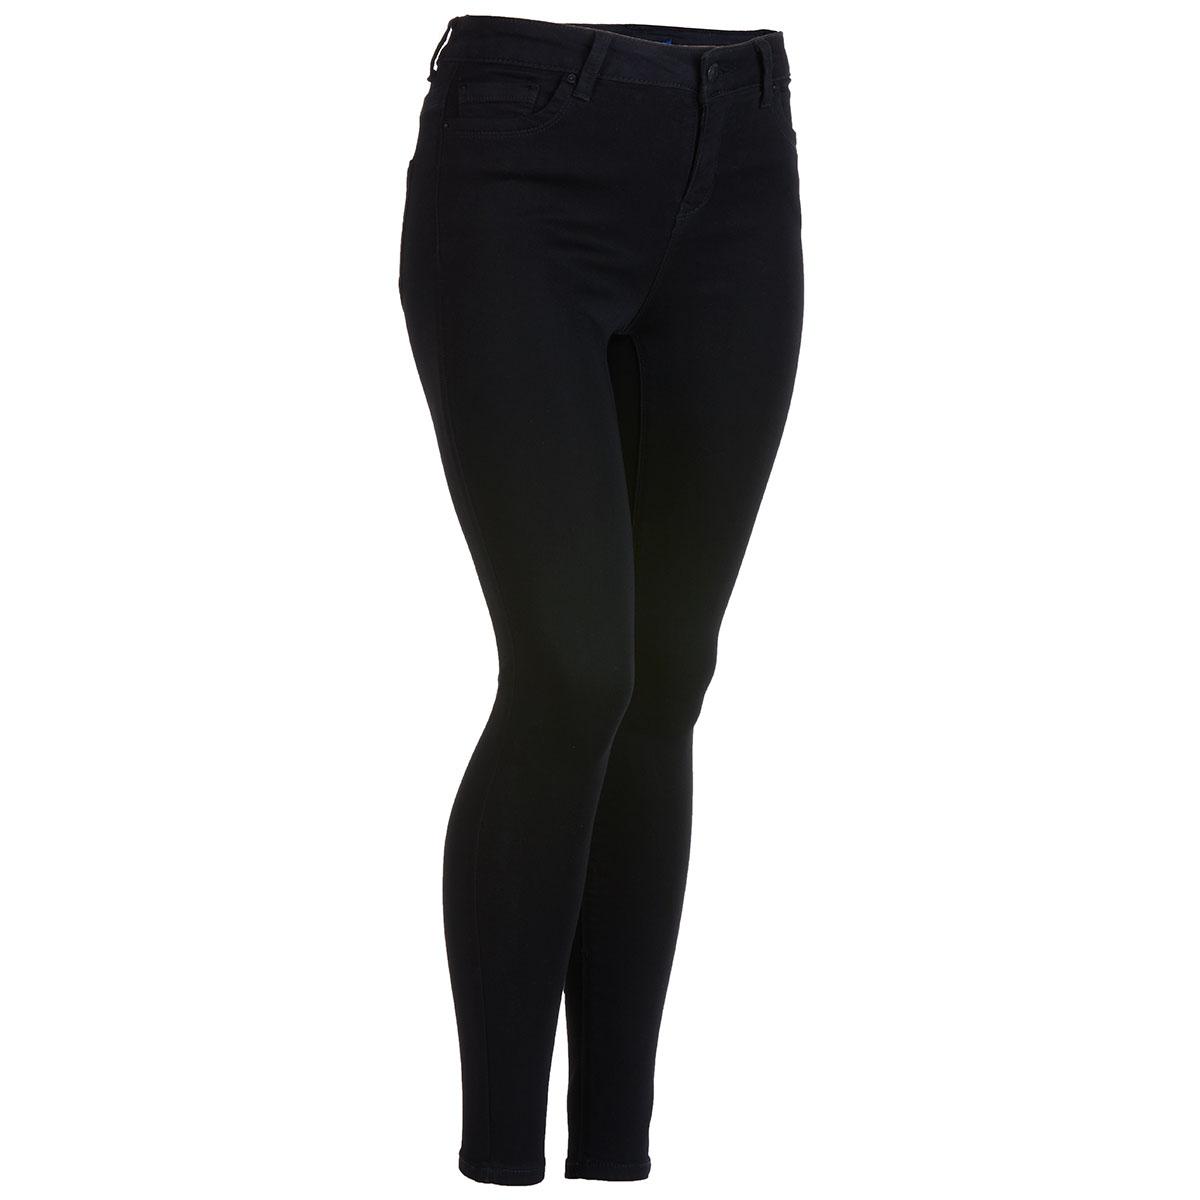 Blue Spice Juniors' Super High Rise Skinny Jeans